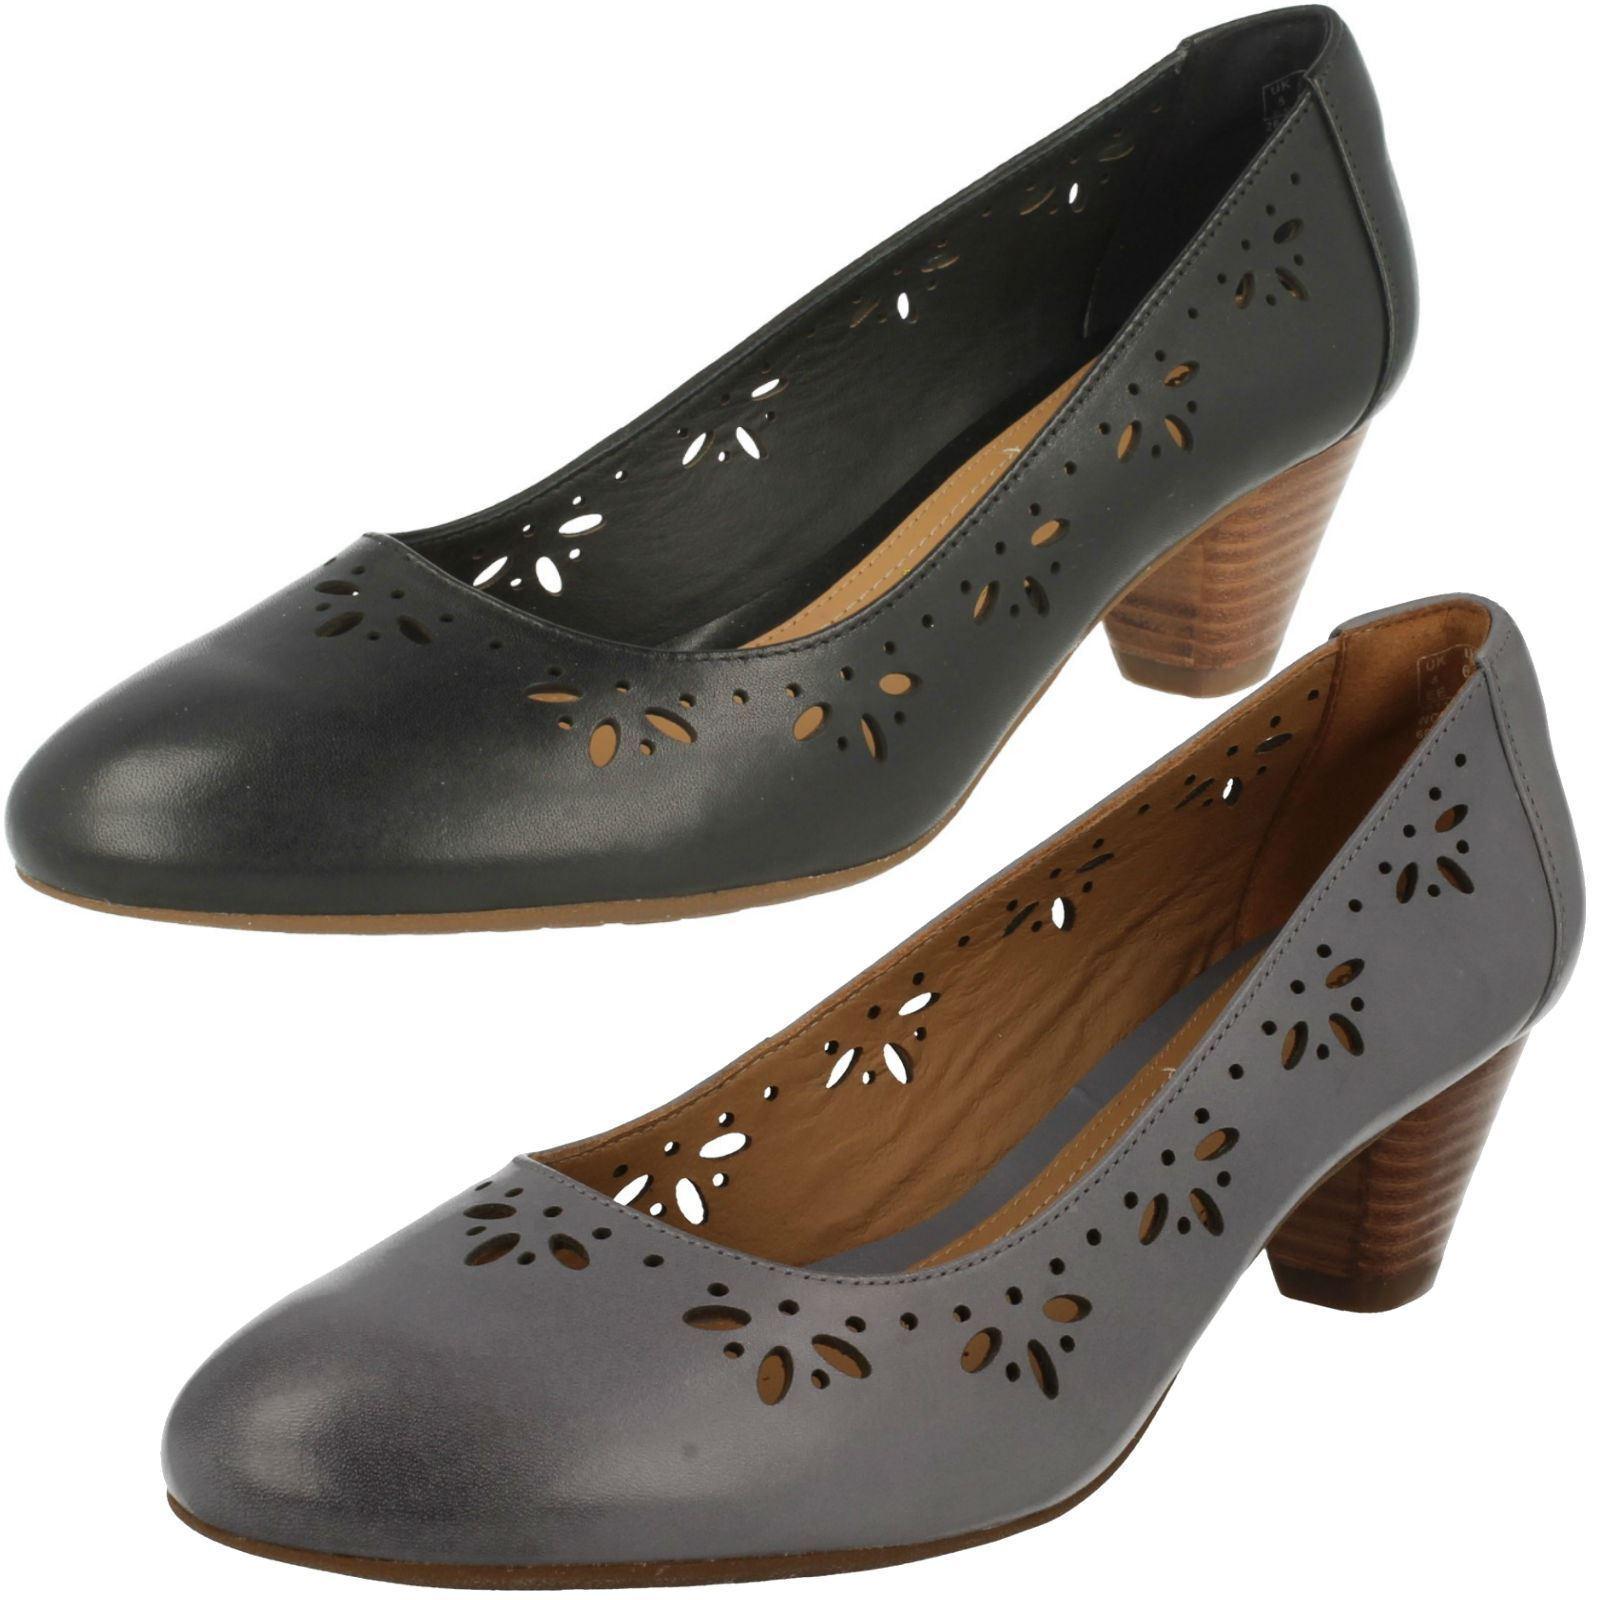 Damen Clarks Denny blenden Smart Pump mit mittelhohem Absatz Schuhe breit EE